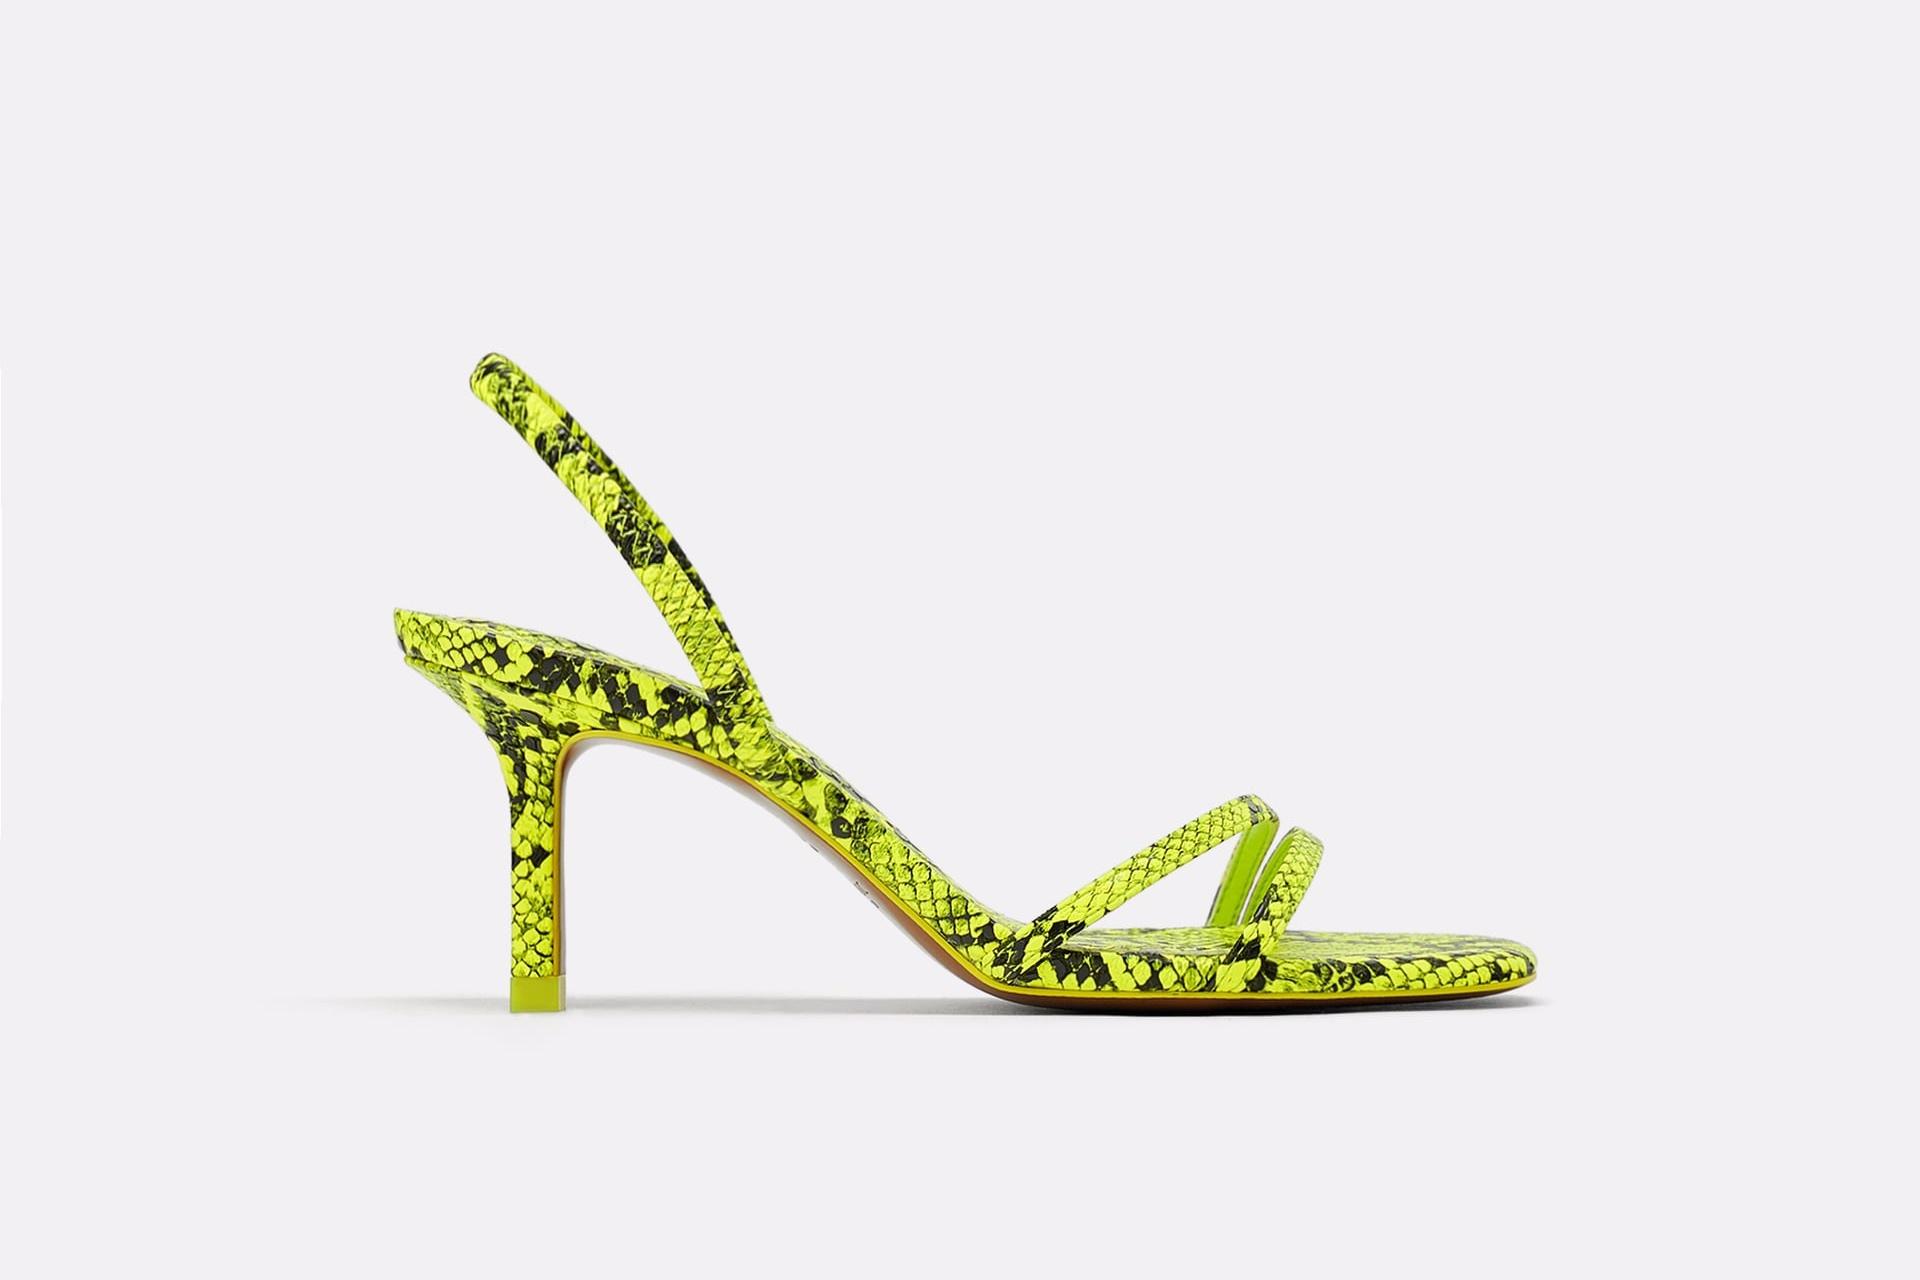 Zara shoes, $69.95